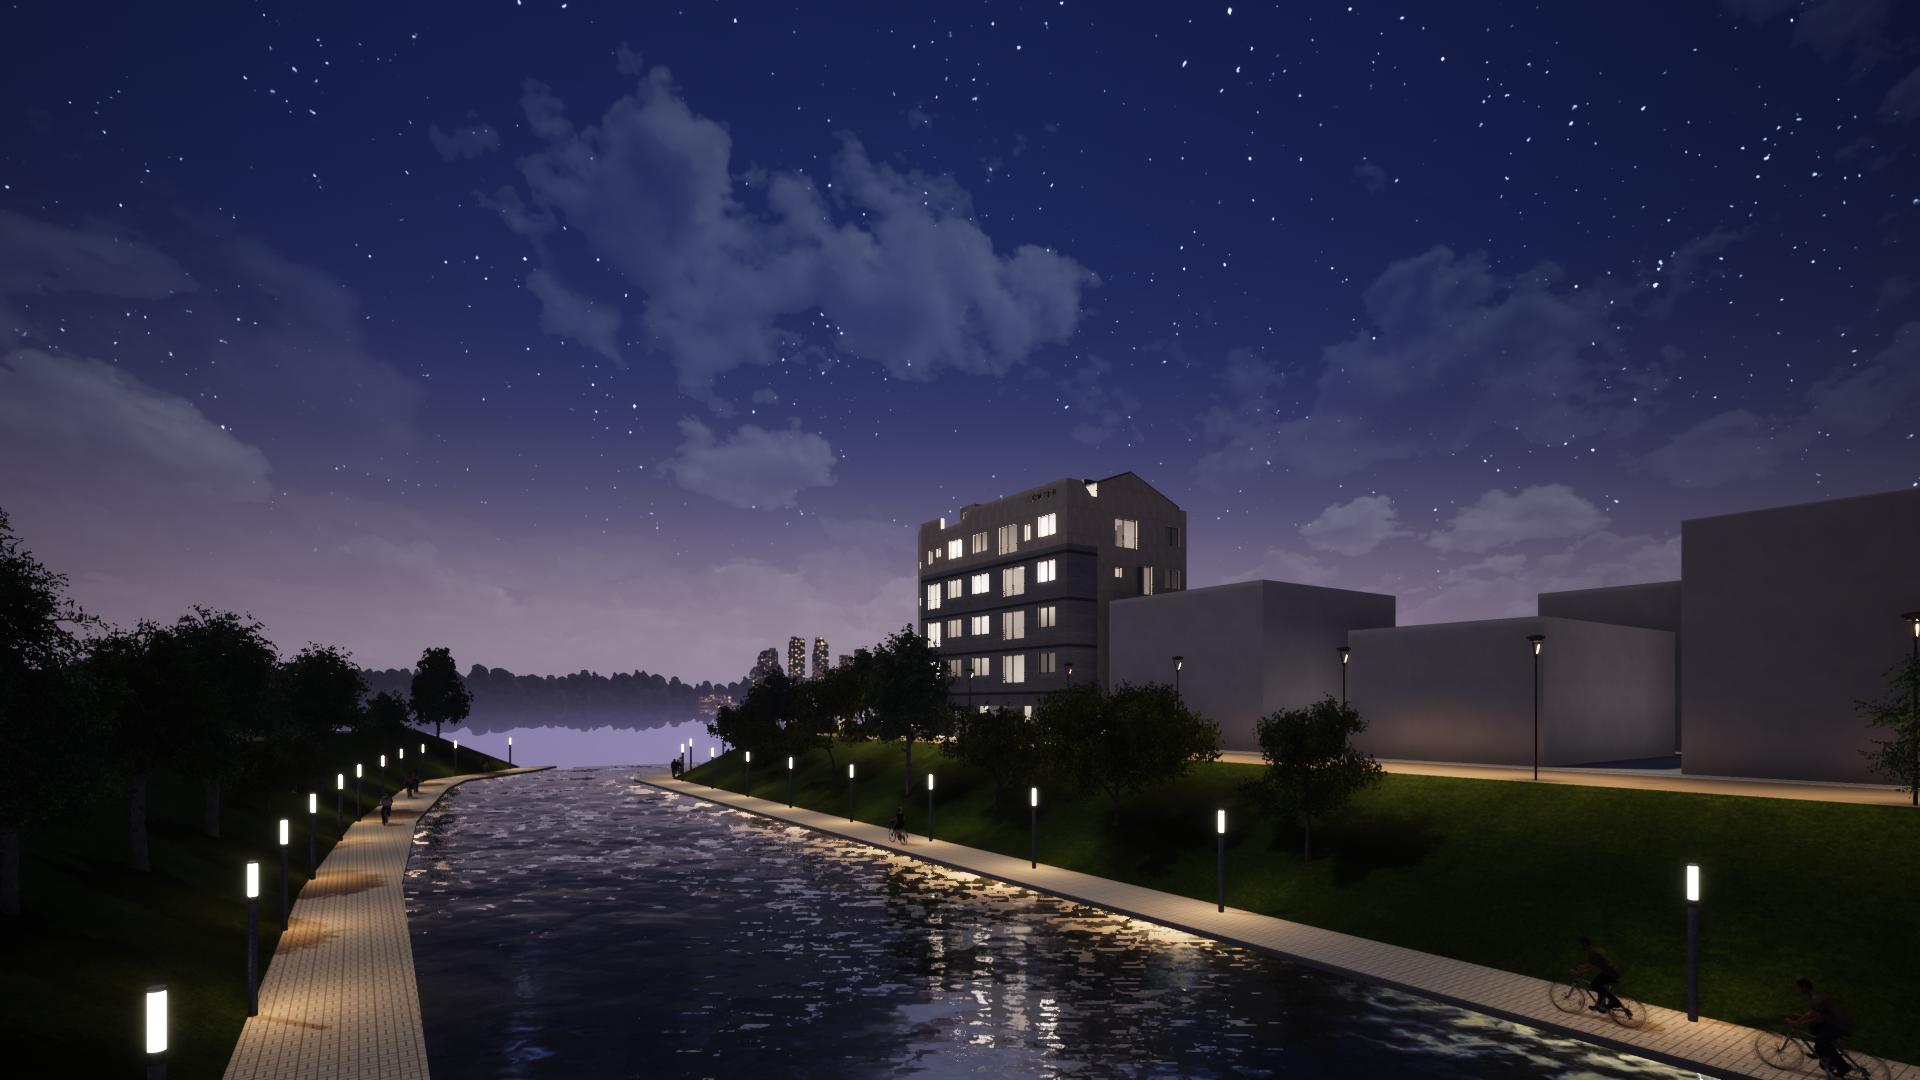 부림동 프로젝트 3D 랜더링